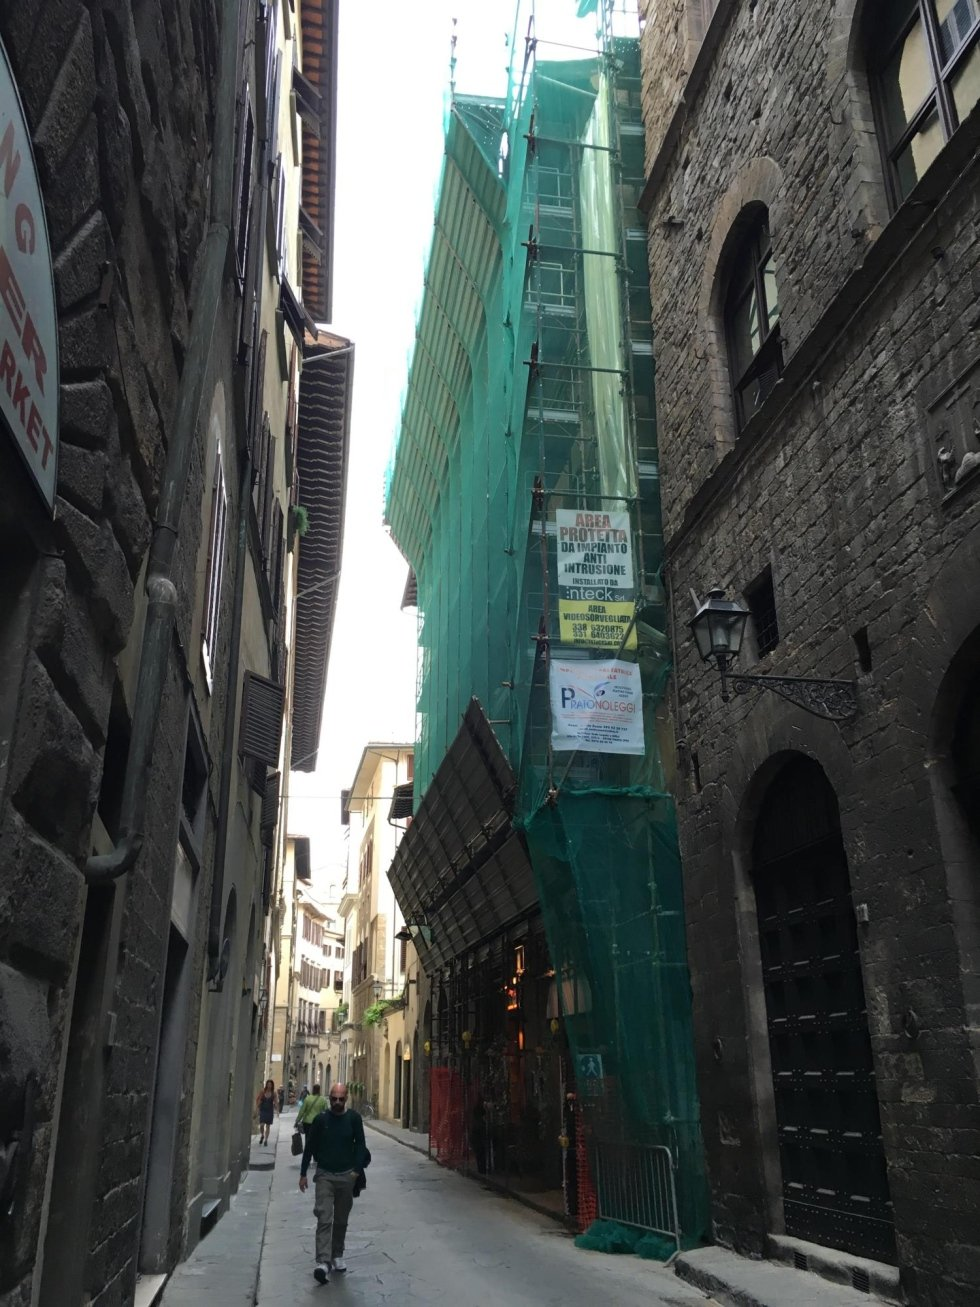 Ponteggio per restauro esterno a Firenze